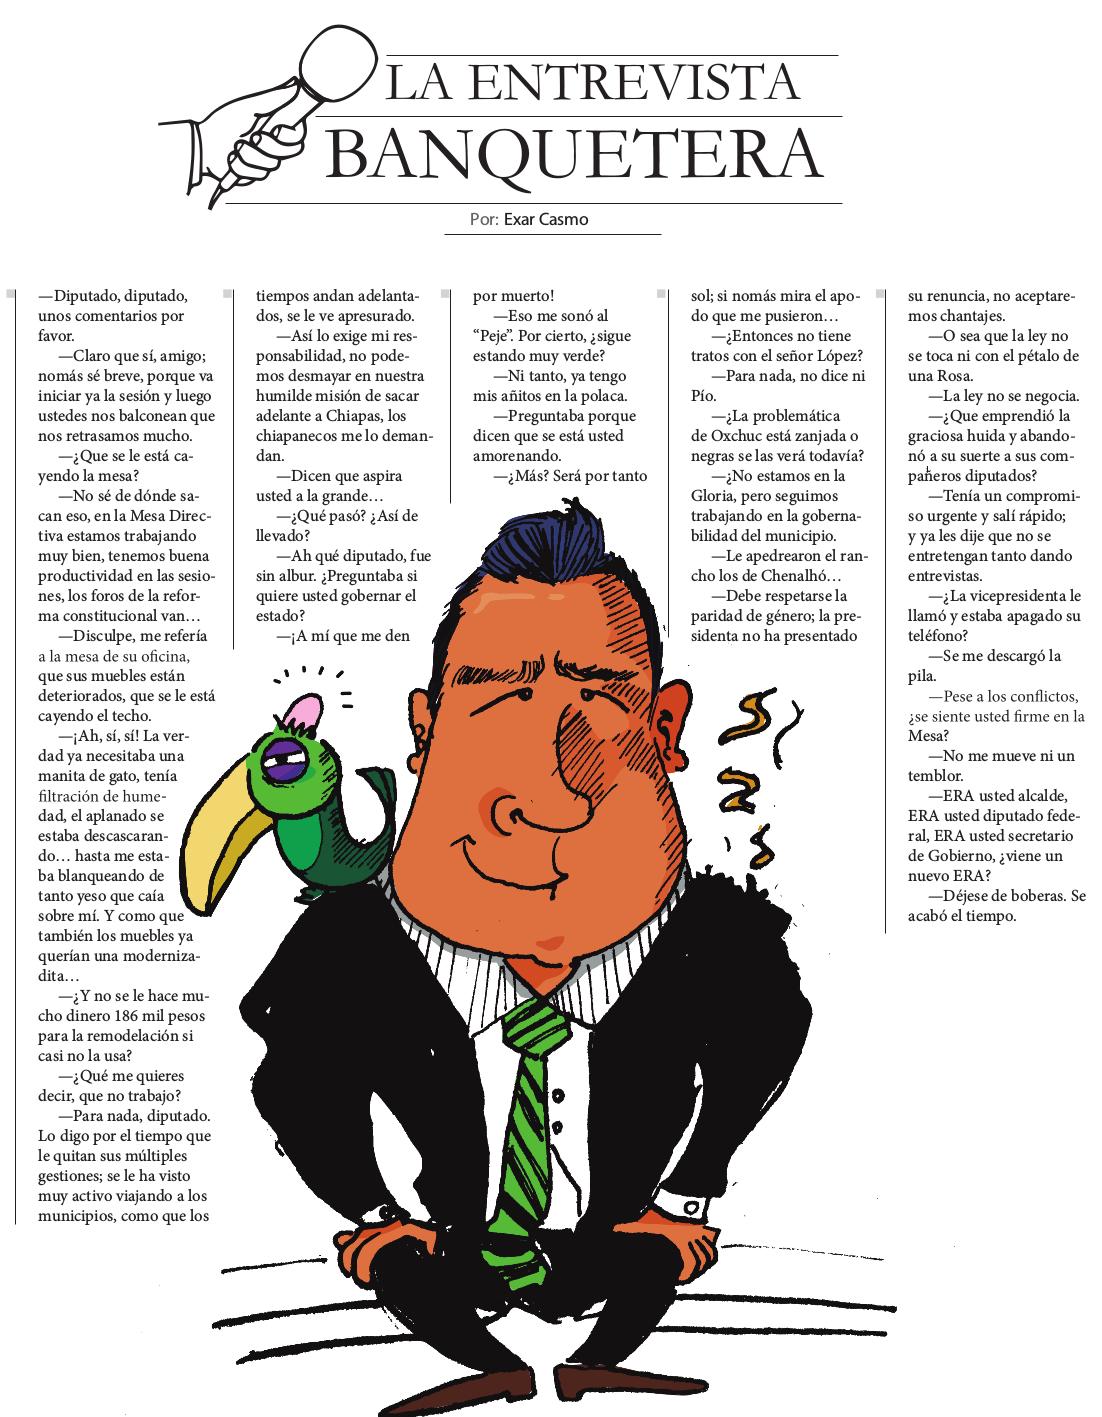 entrevista-banquetera